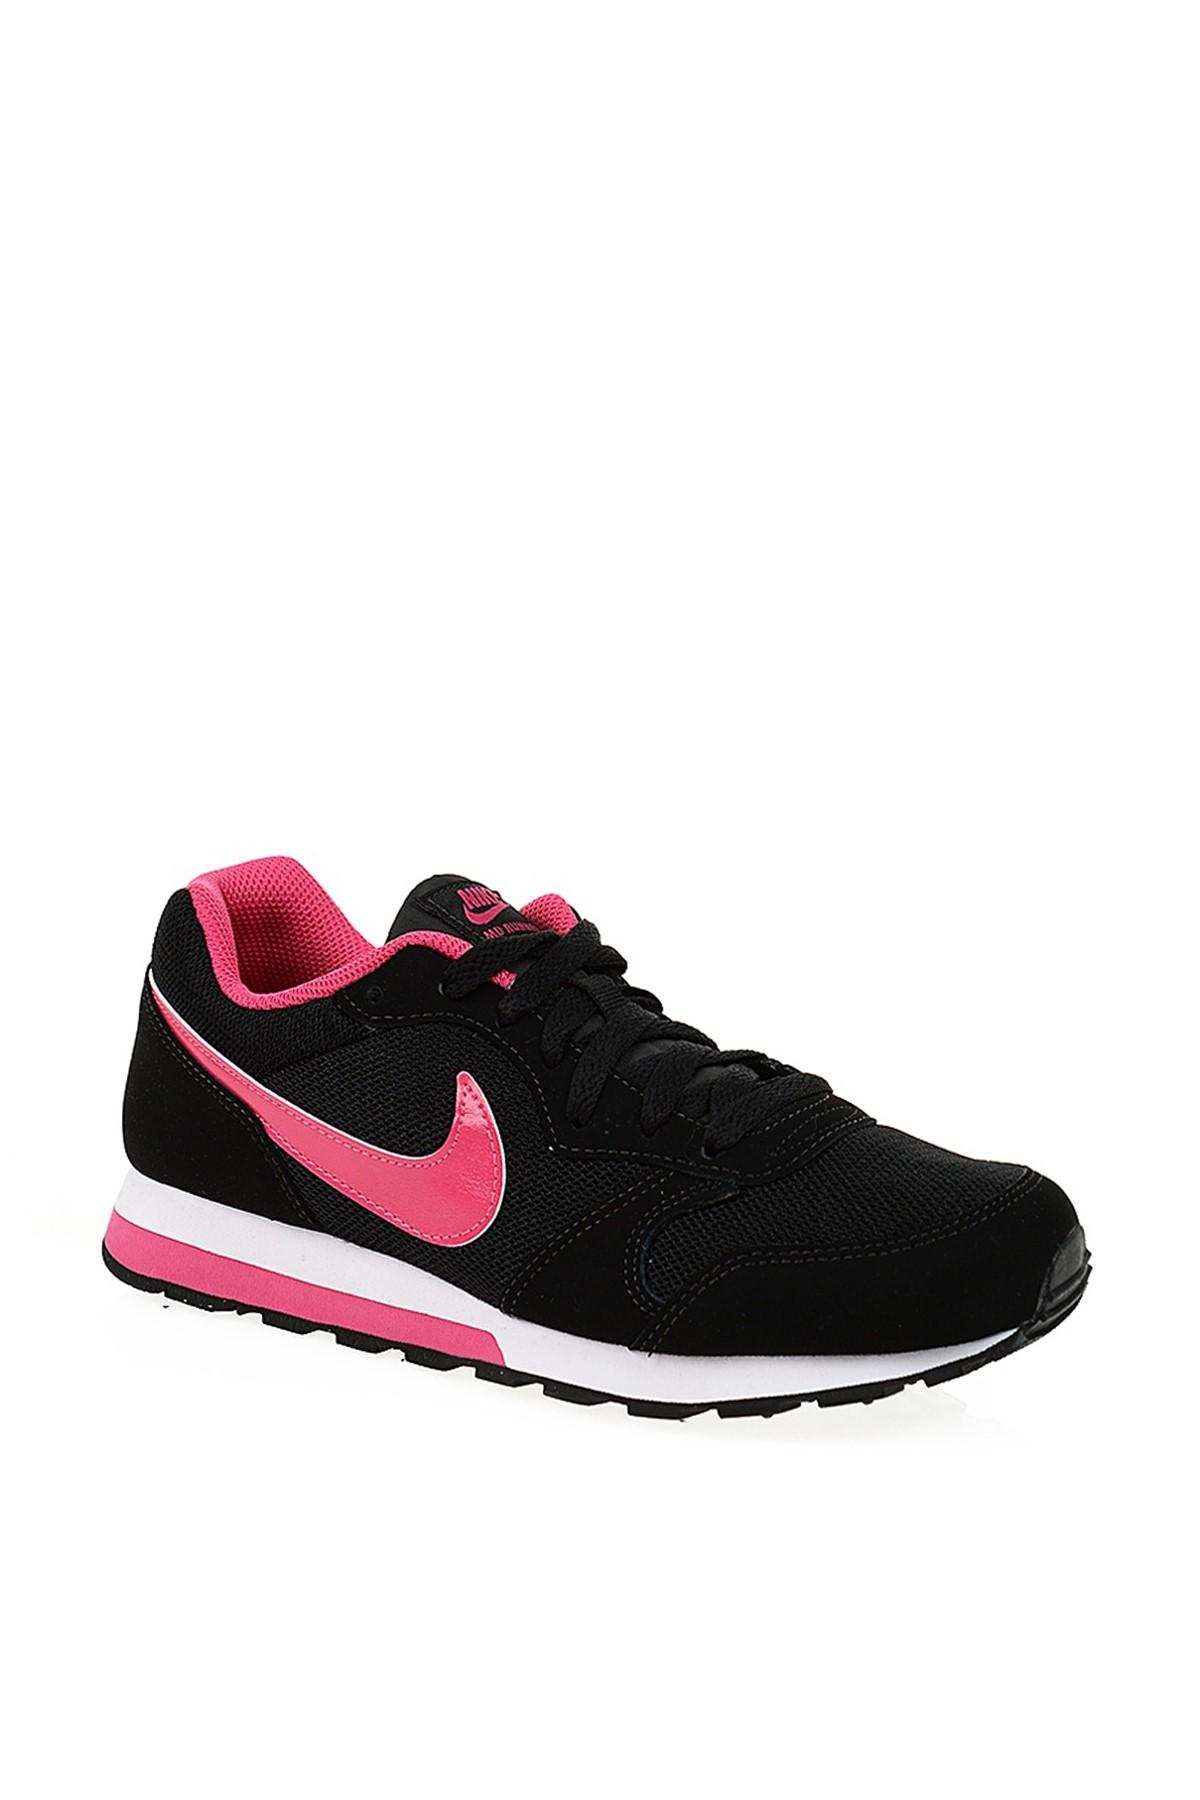 Nike Kids Nike 807319-006 MD RUNNER 2 Kadın Siyah Günlük Ayakkabı 1